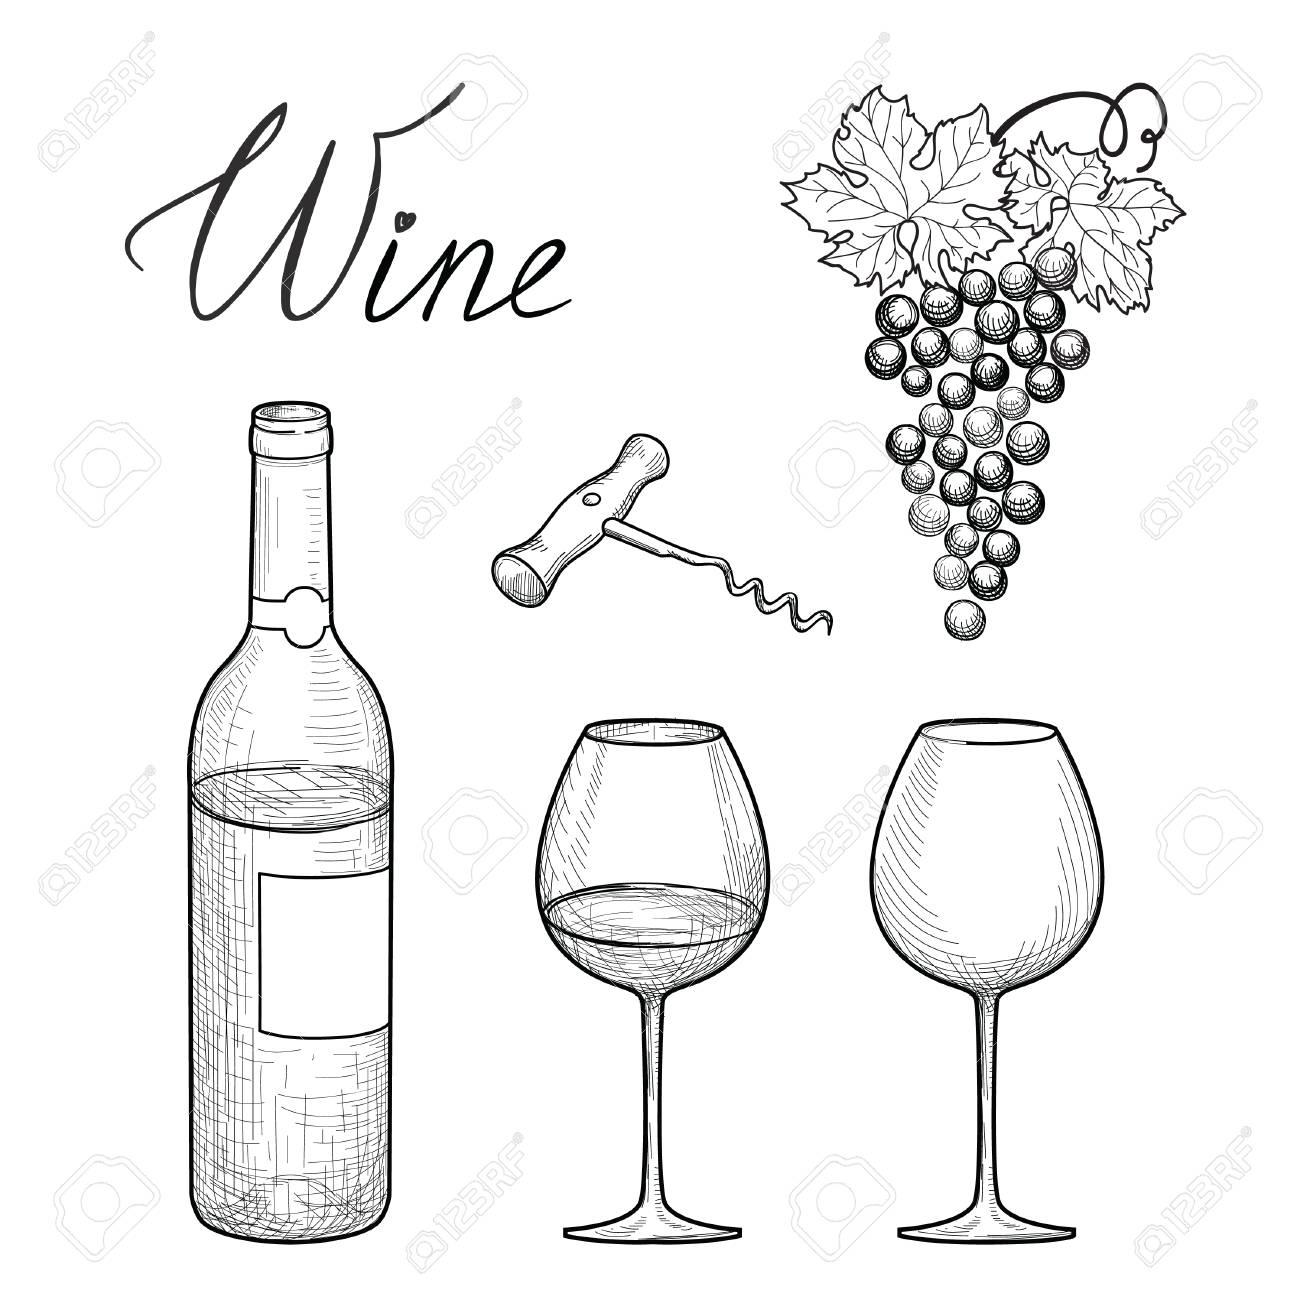 Ensemble de vin. Verre à vin, bouteille, branche de raisin, lettrage manuscrit. Collection de style croquis au vignoble